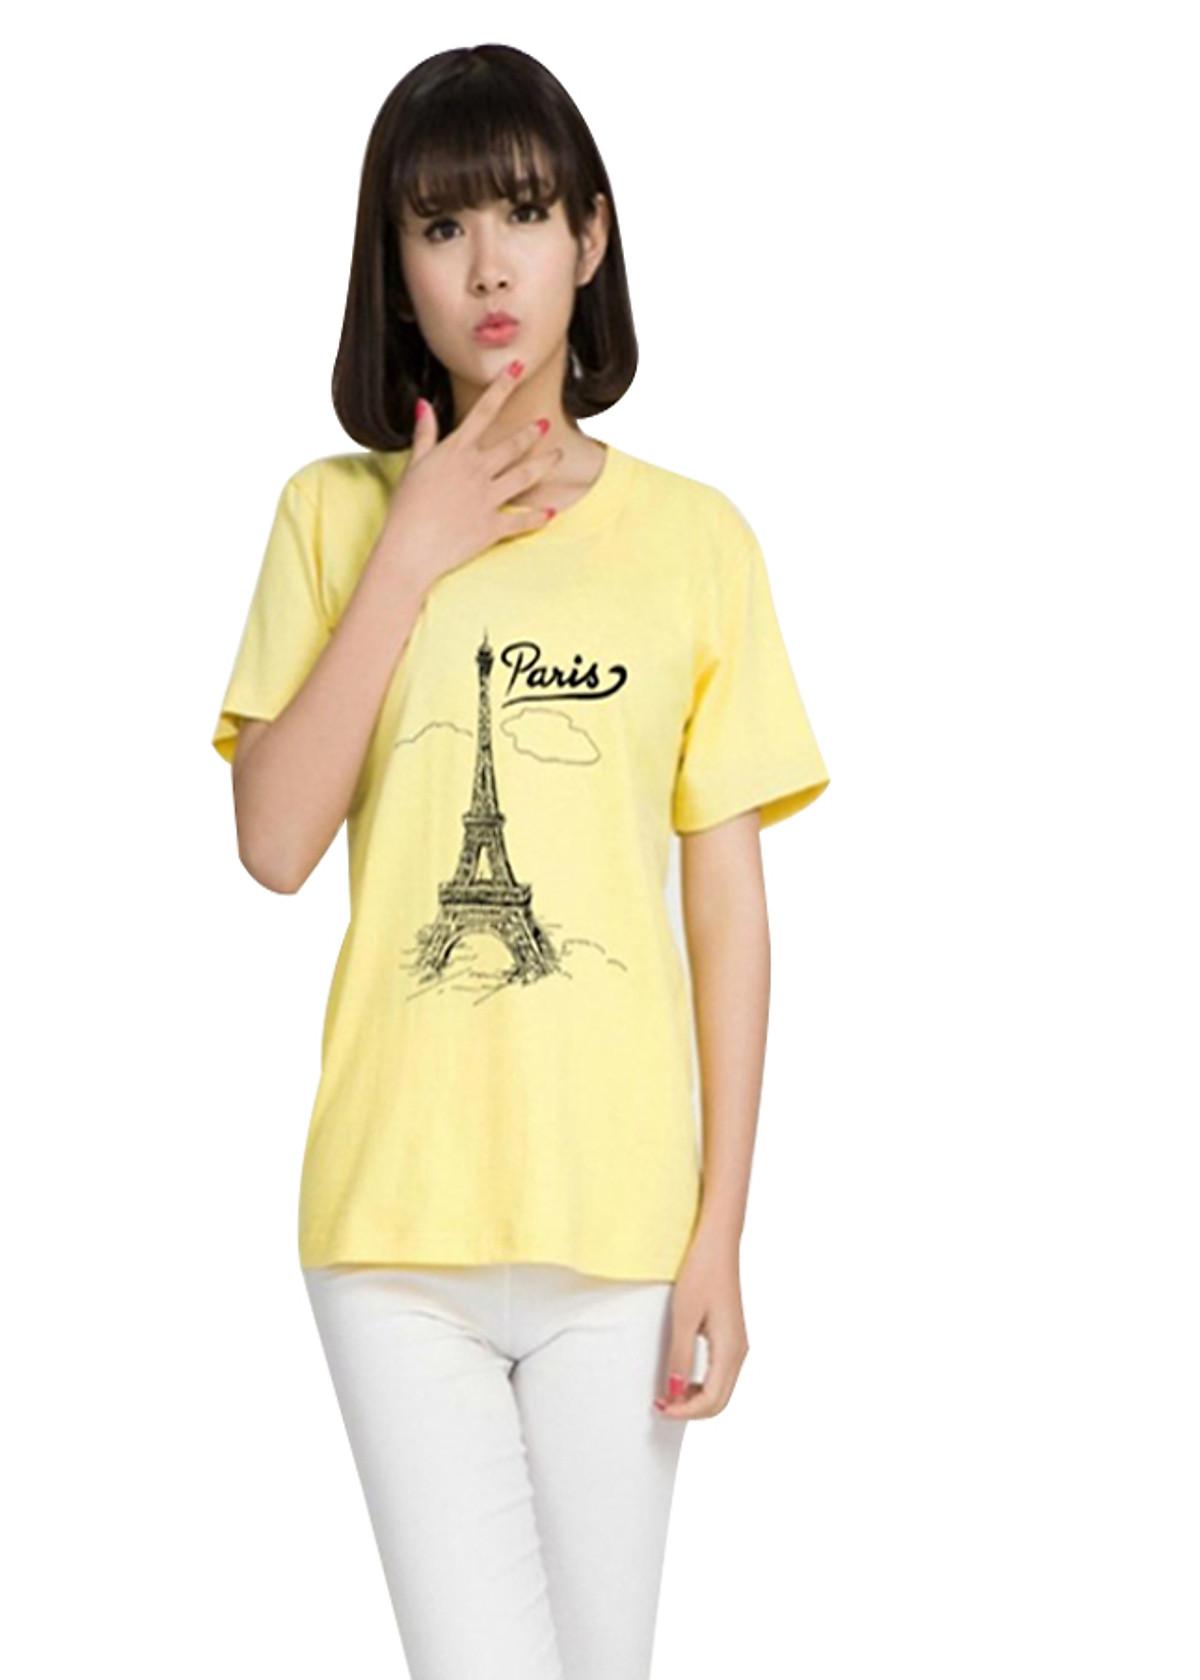 Áo thun nữ paris mây vàng nhạt d641 thương hiệu T&d